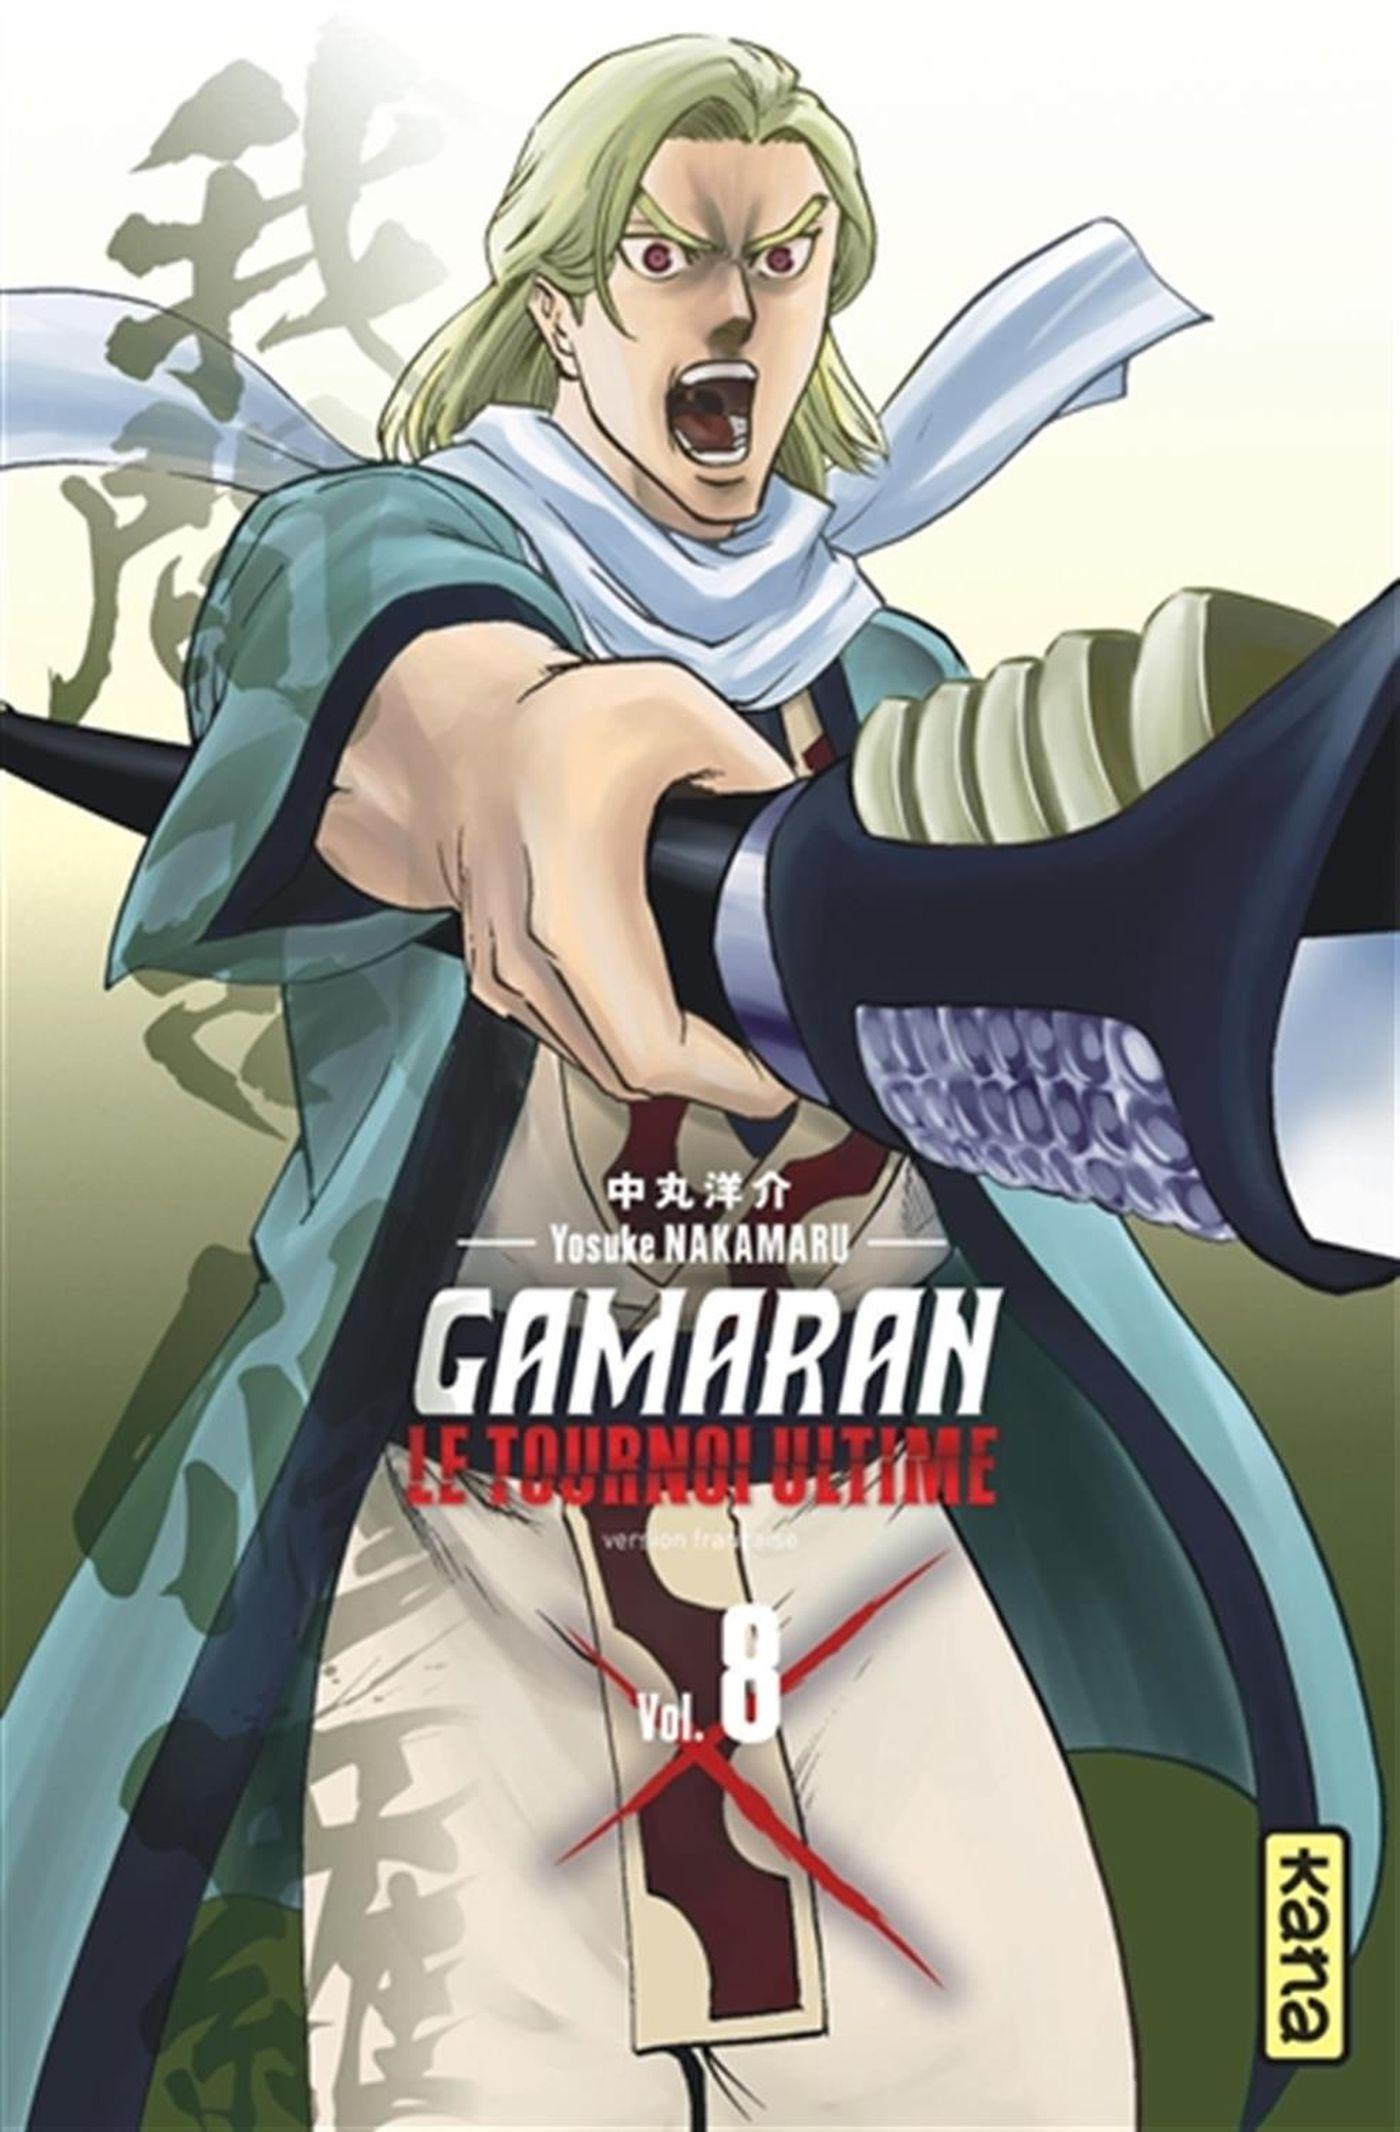 Sortie Manga au Québec MAI 2021 9782505086888